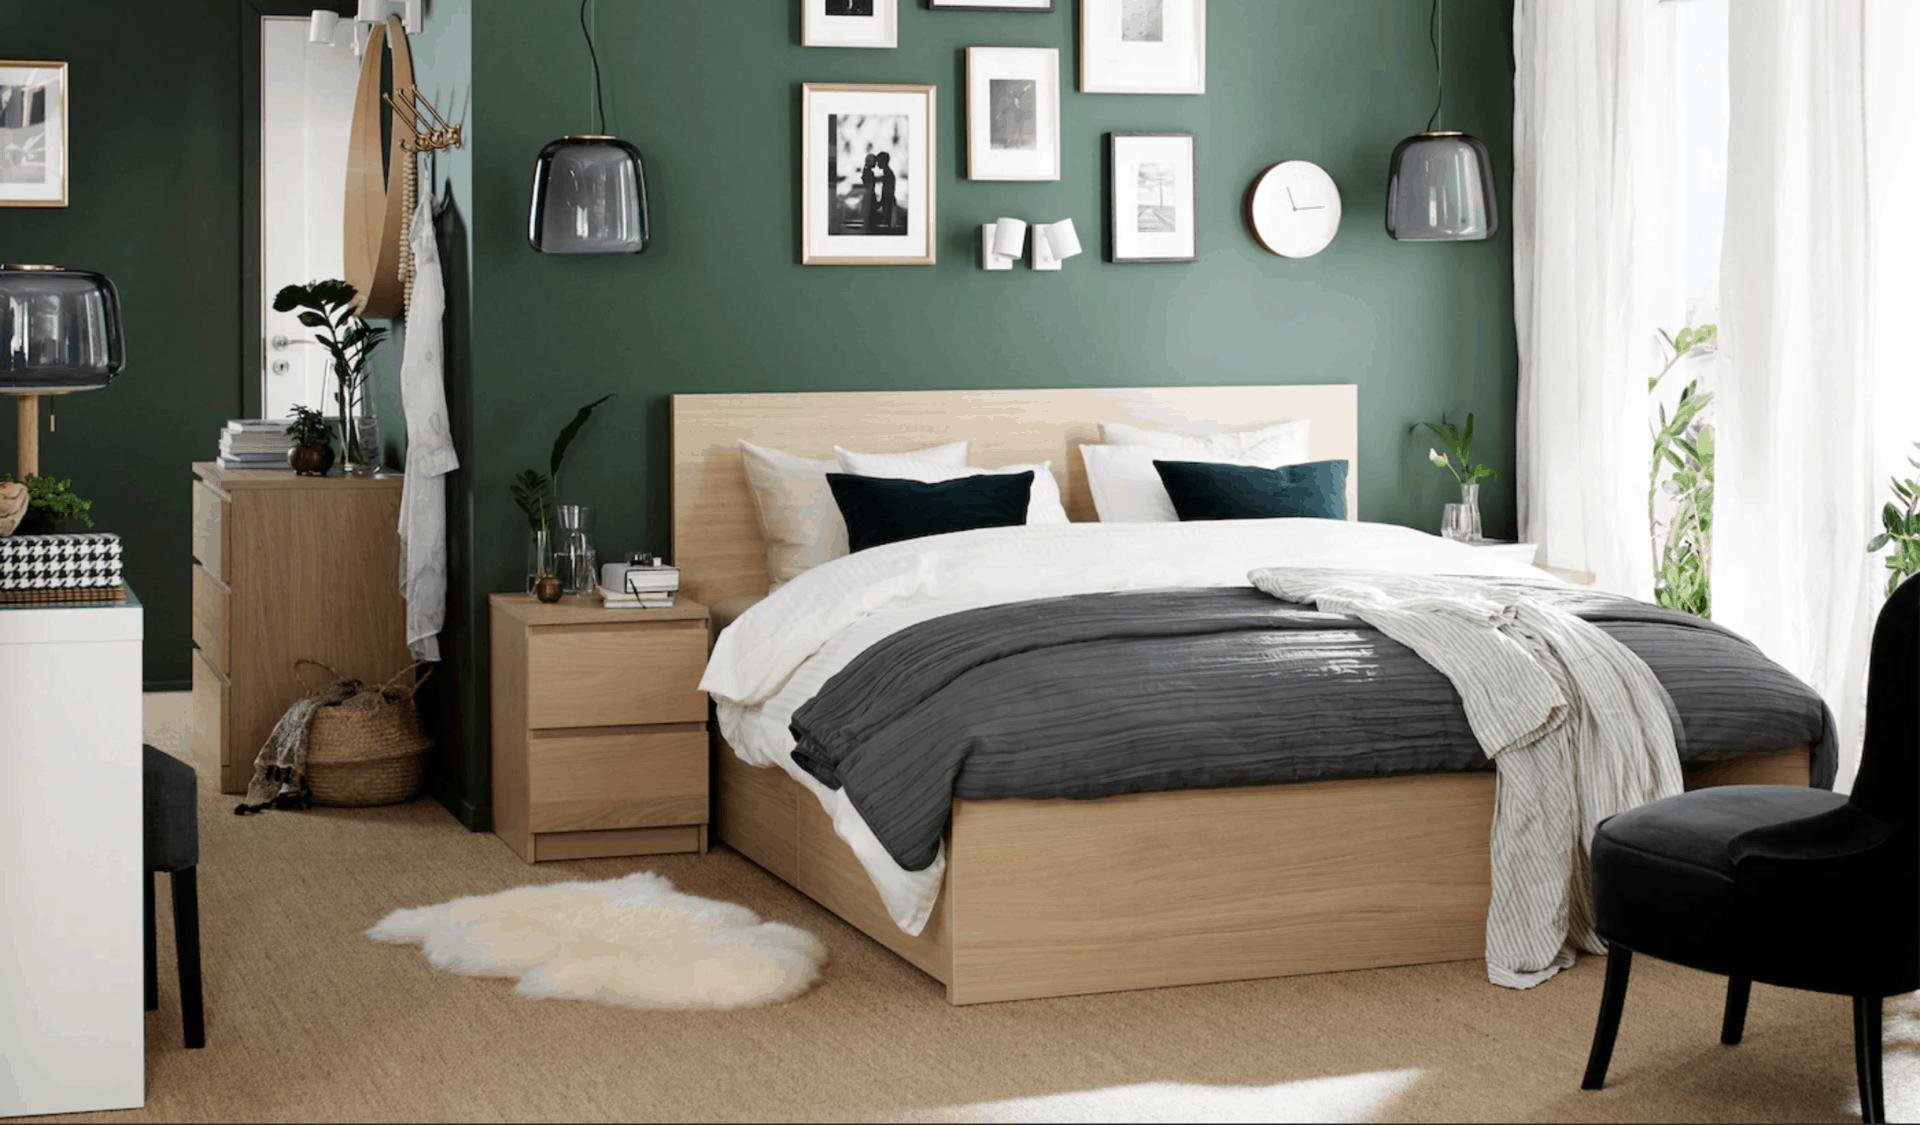 Bedroom look from IKEA